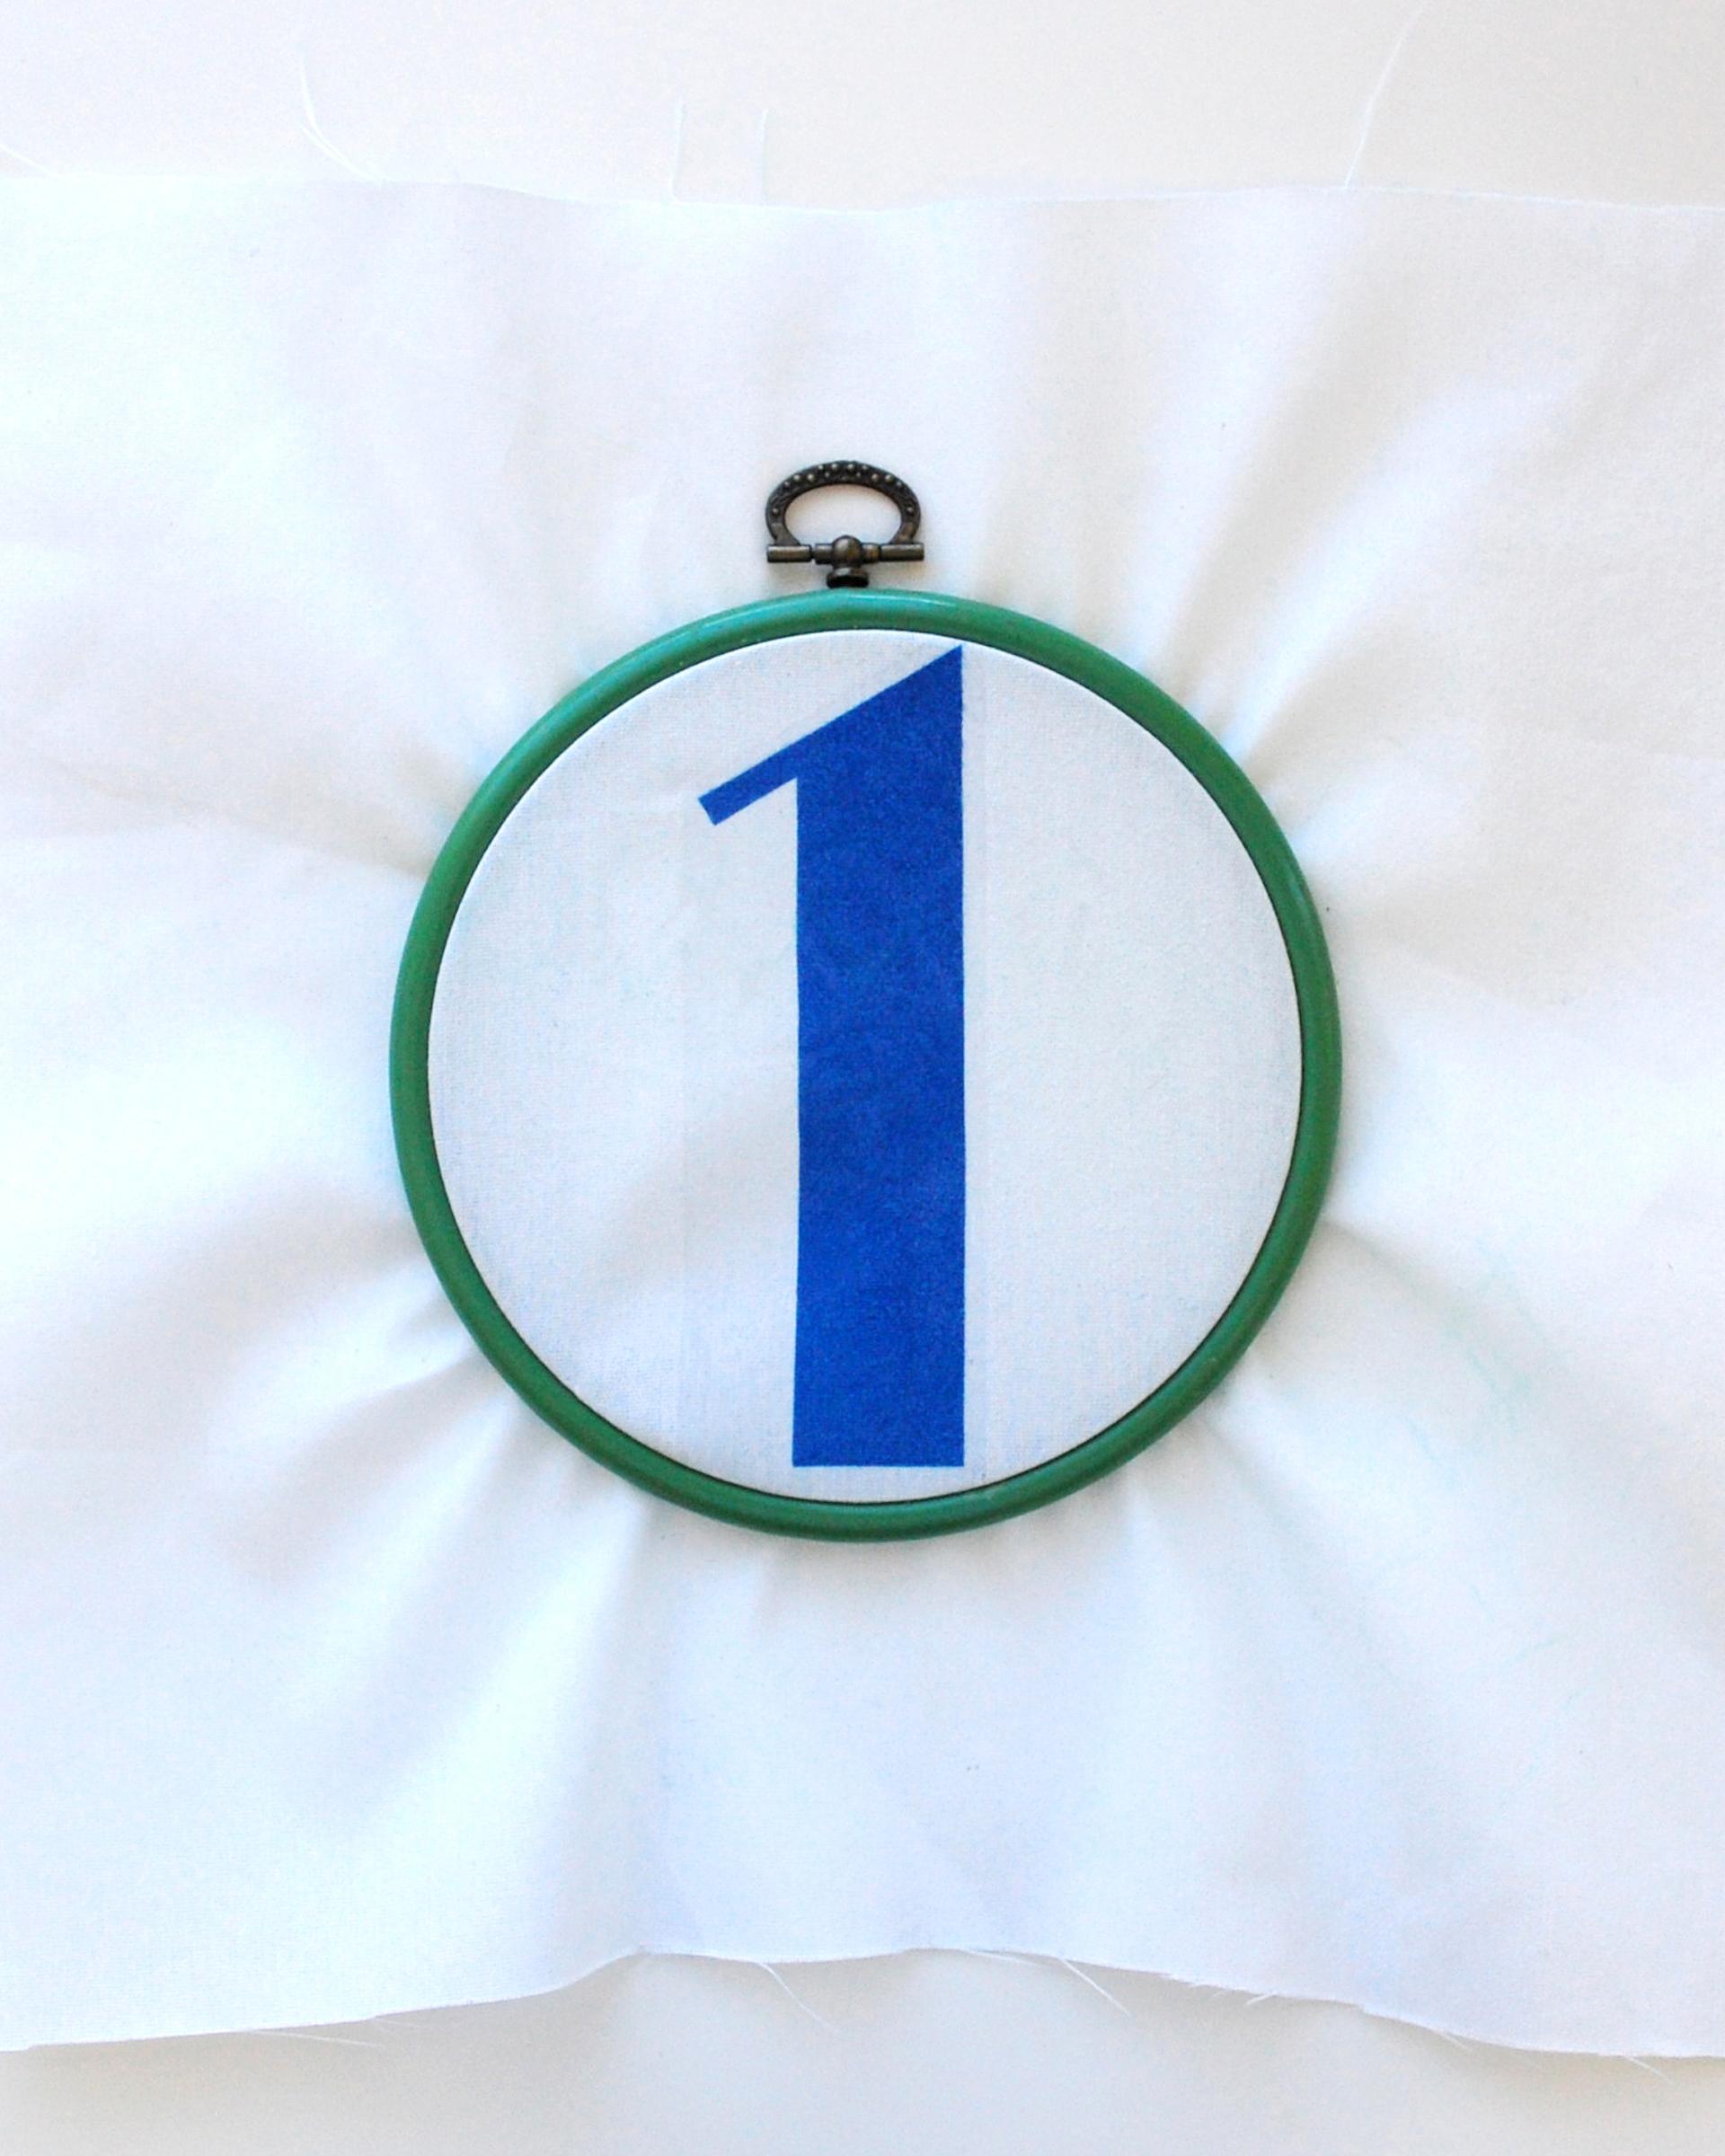 embroidery-hoop-table-numbers-06-0415.jpg